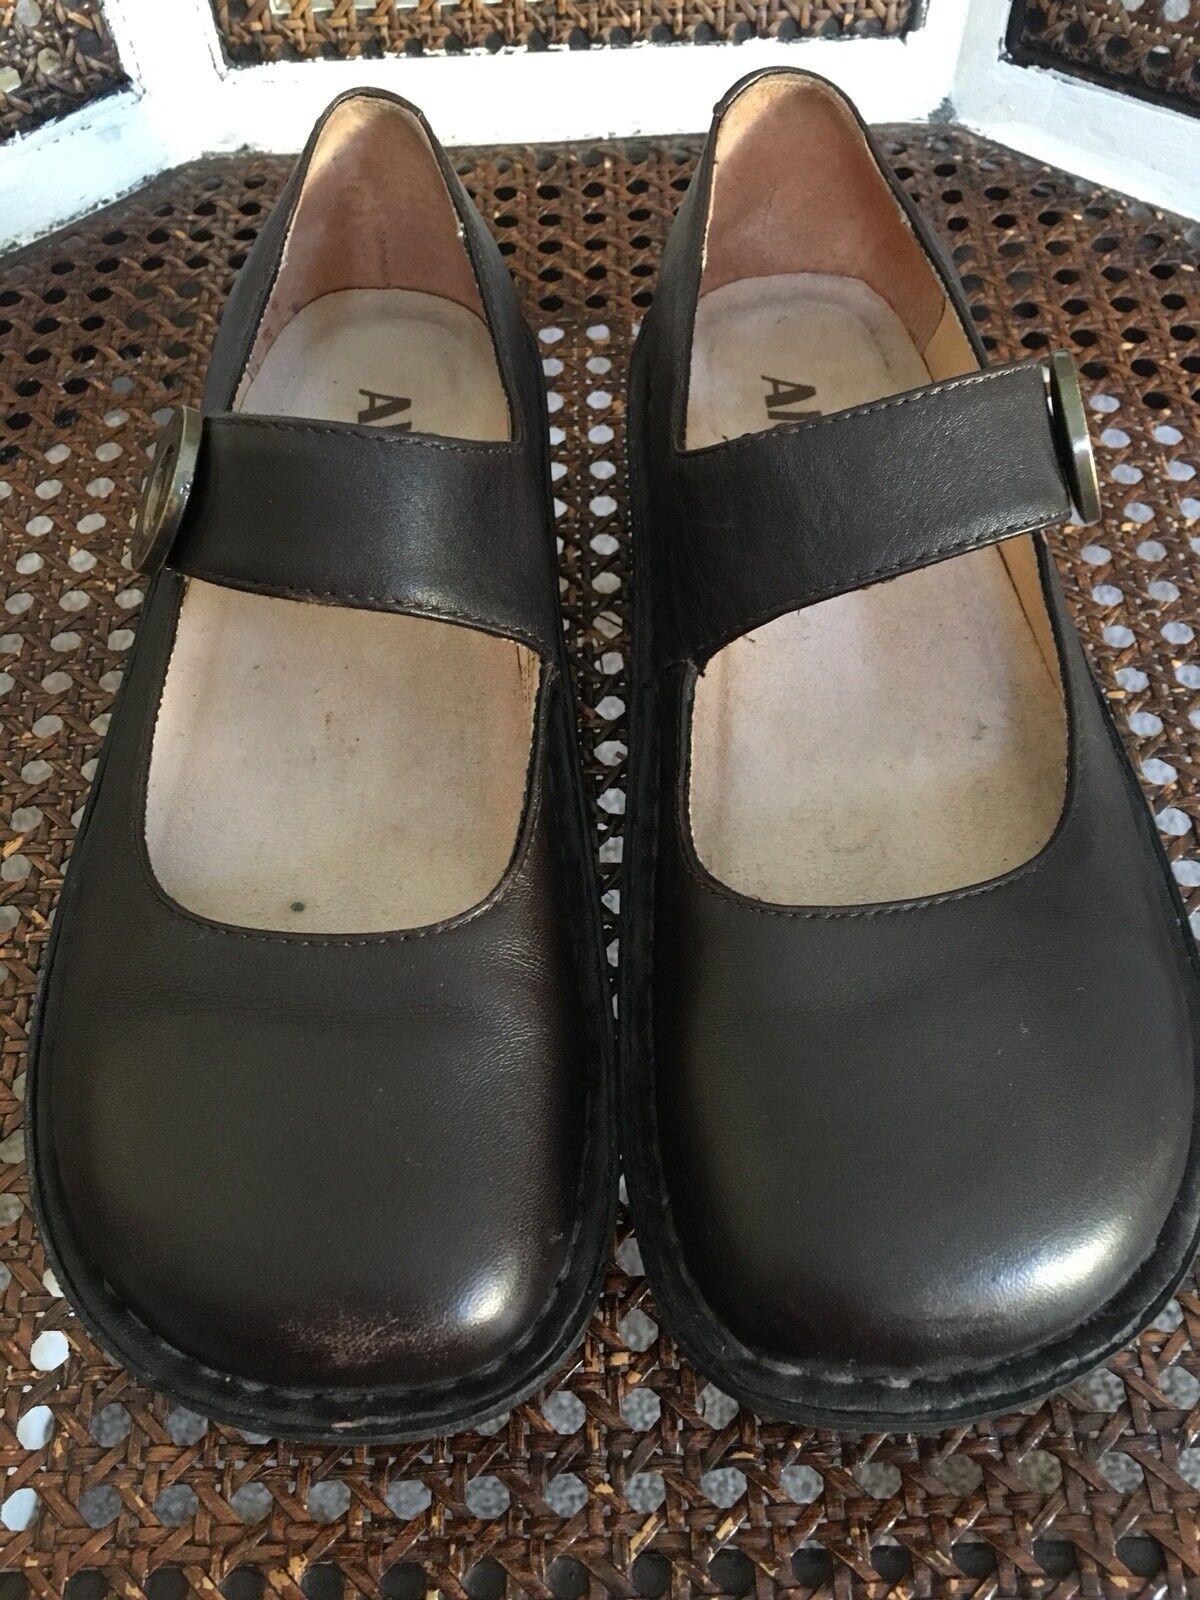 37 37 37 Alegria Paloma 602 Marrón Cuero Mary Jane Zapatos  tienda de descuento